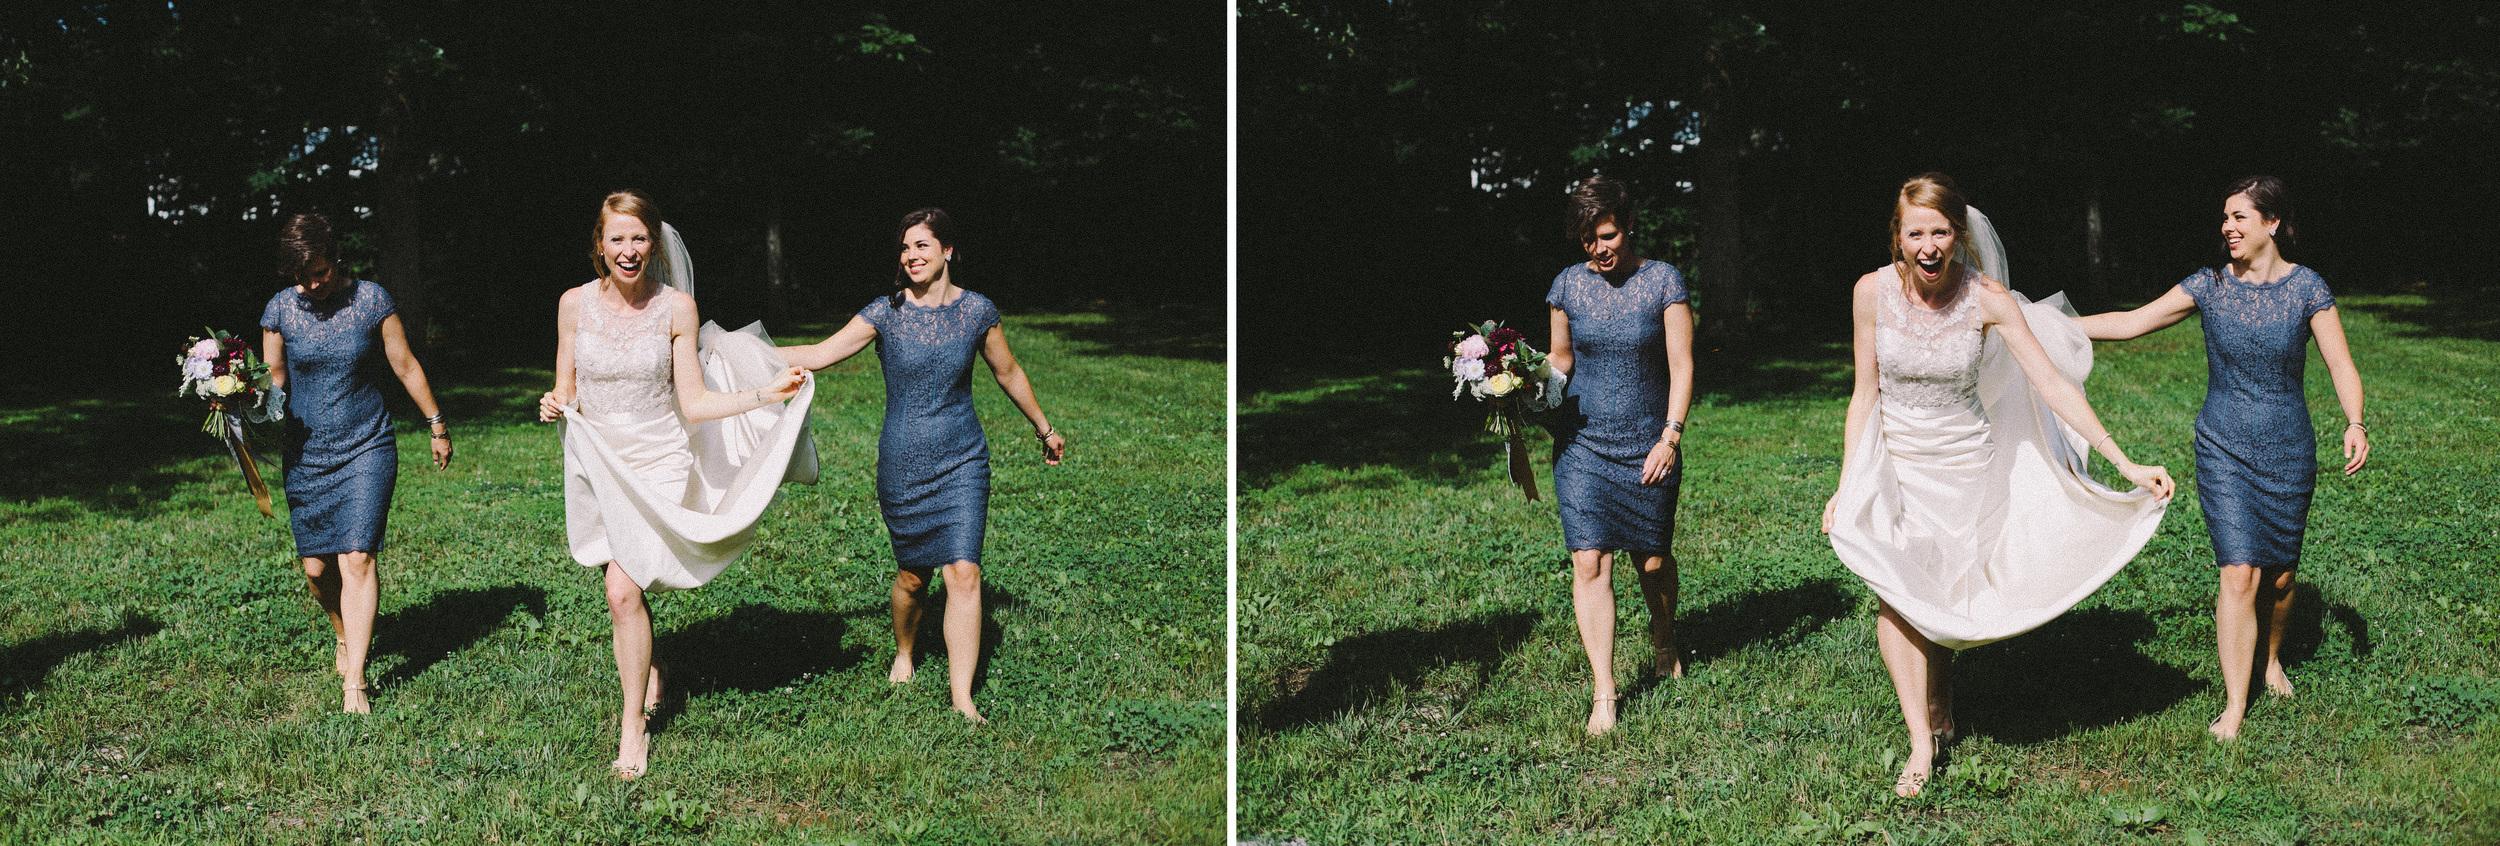 Laura + Mark Wedding Nashville Wedding Photographer Photography Anthology-79 copy.jpg